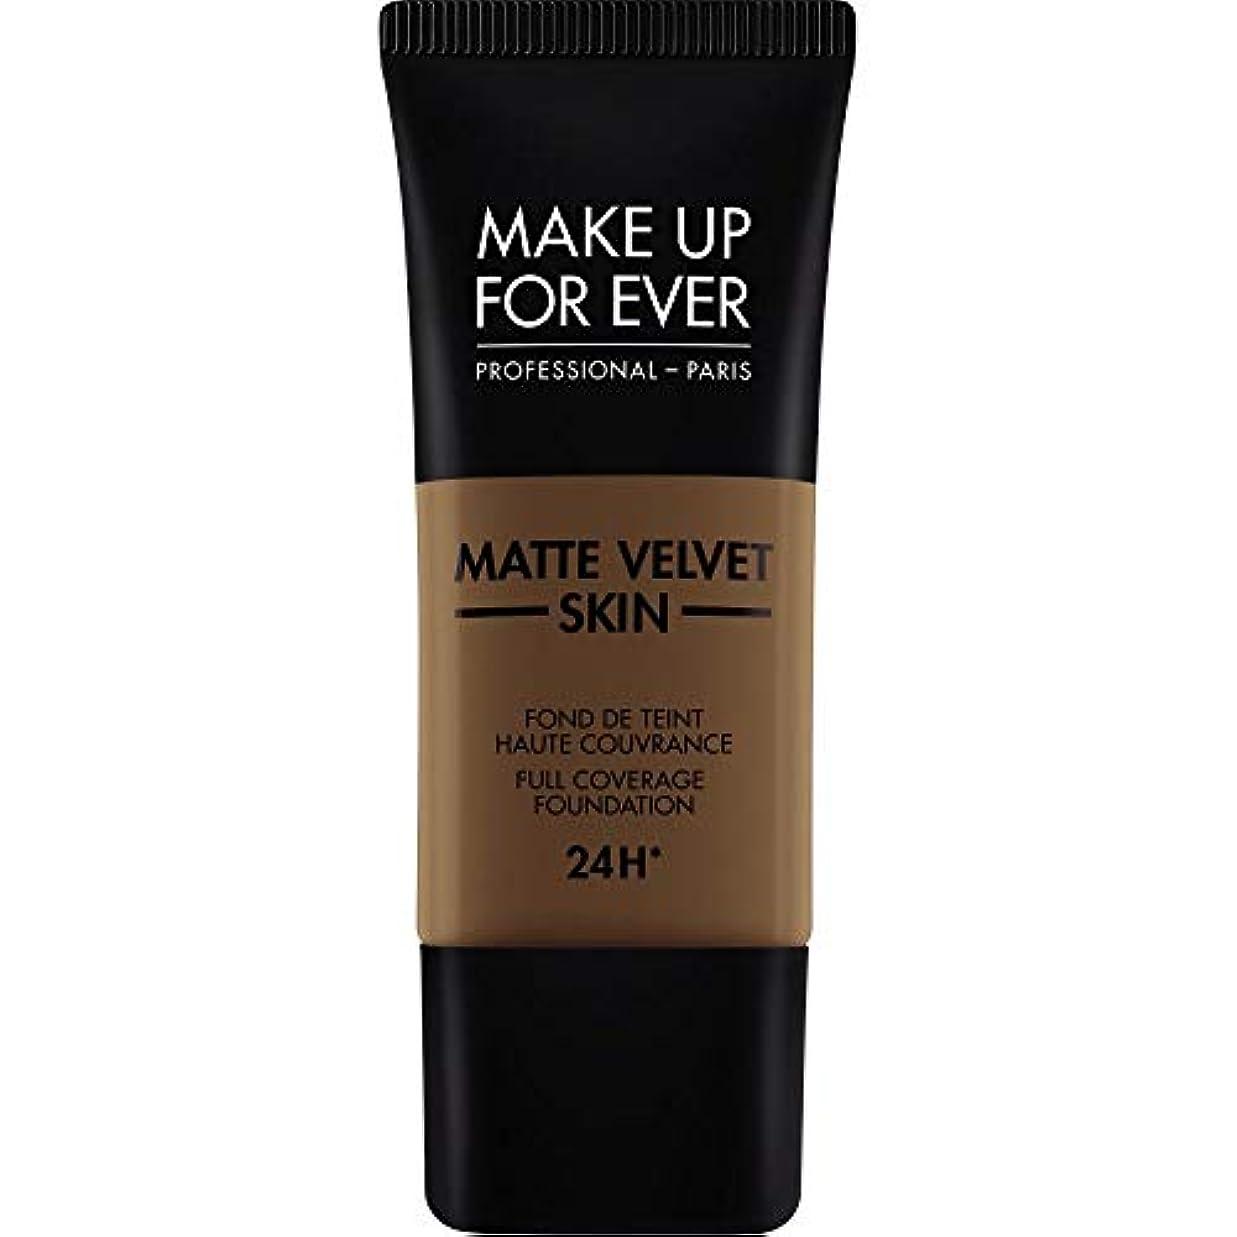 反響するピボット不当[MAKE UP FOR EVER ] ダークブラウン - これまでマットベルベットの皮膚のフルカバレッジ基礎30ミリリットルのR540を補います - MAKE UP FOR EVER Matte Velvet Skin...